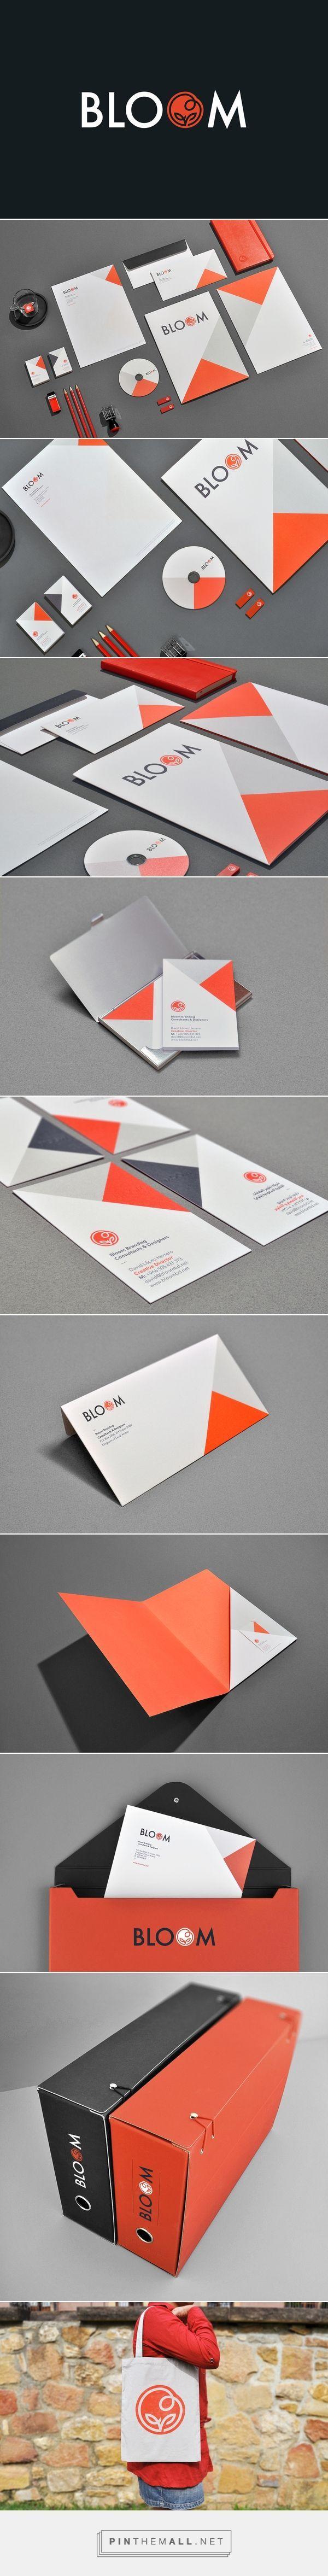 Bloom Branding Consultants & Designers